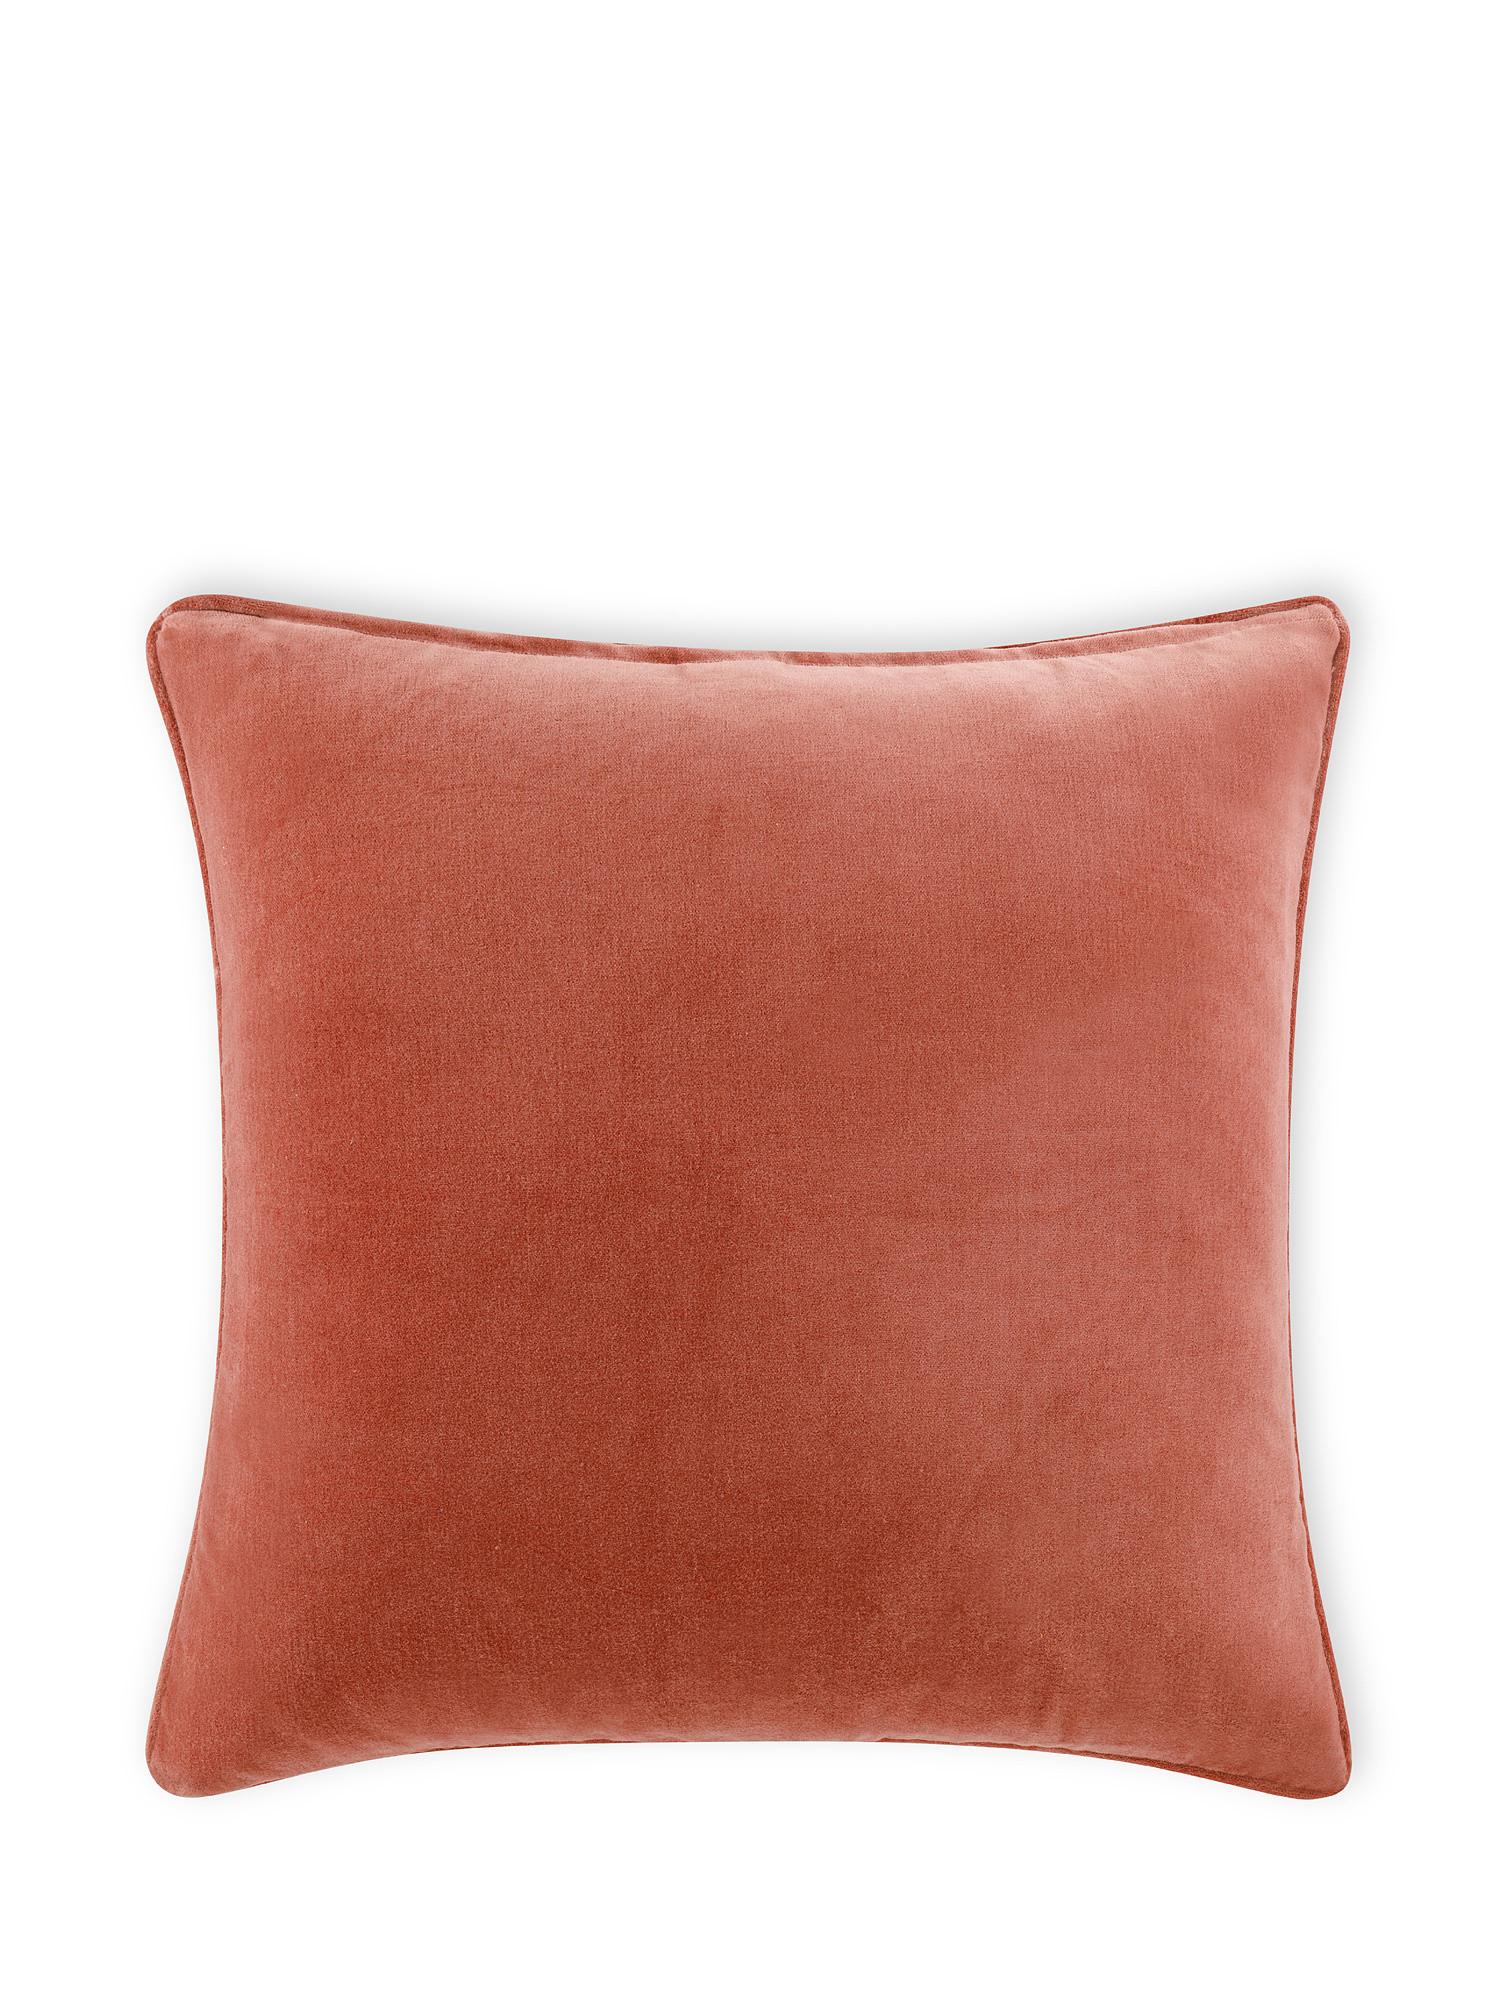 Cuscino velluto di cotone tinta unita 45x45cm, Rosa, large image number 0